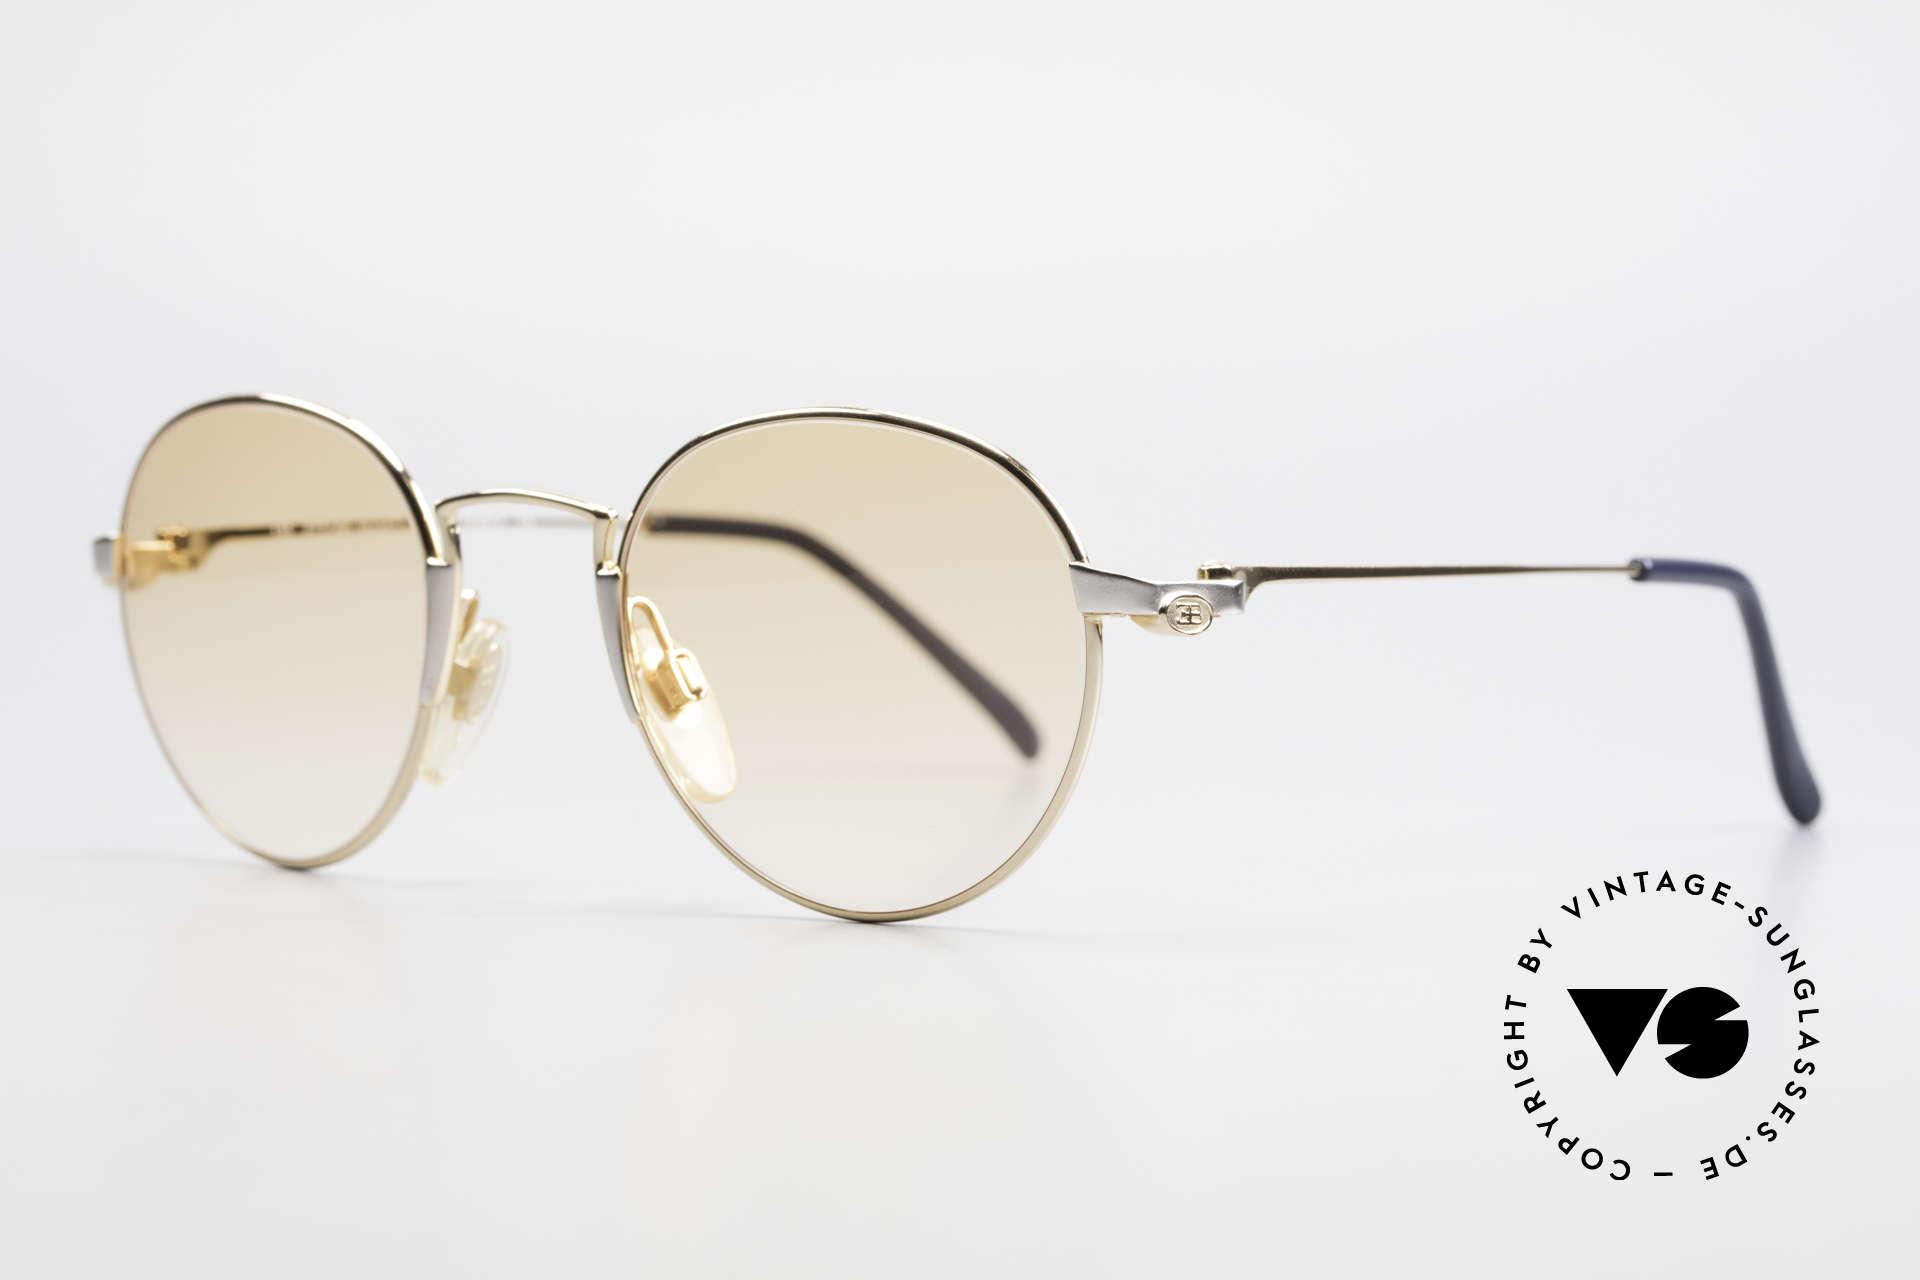 Bugatti EB600 Small 90er Luxus Panto Brille, gold/palladium-Brille der 'Ettore Bugatti' Serie, Passend für Herren